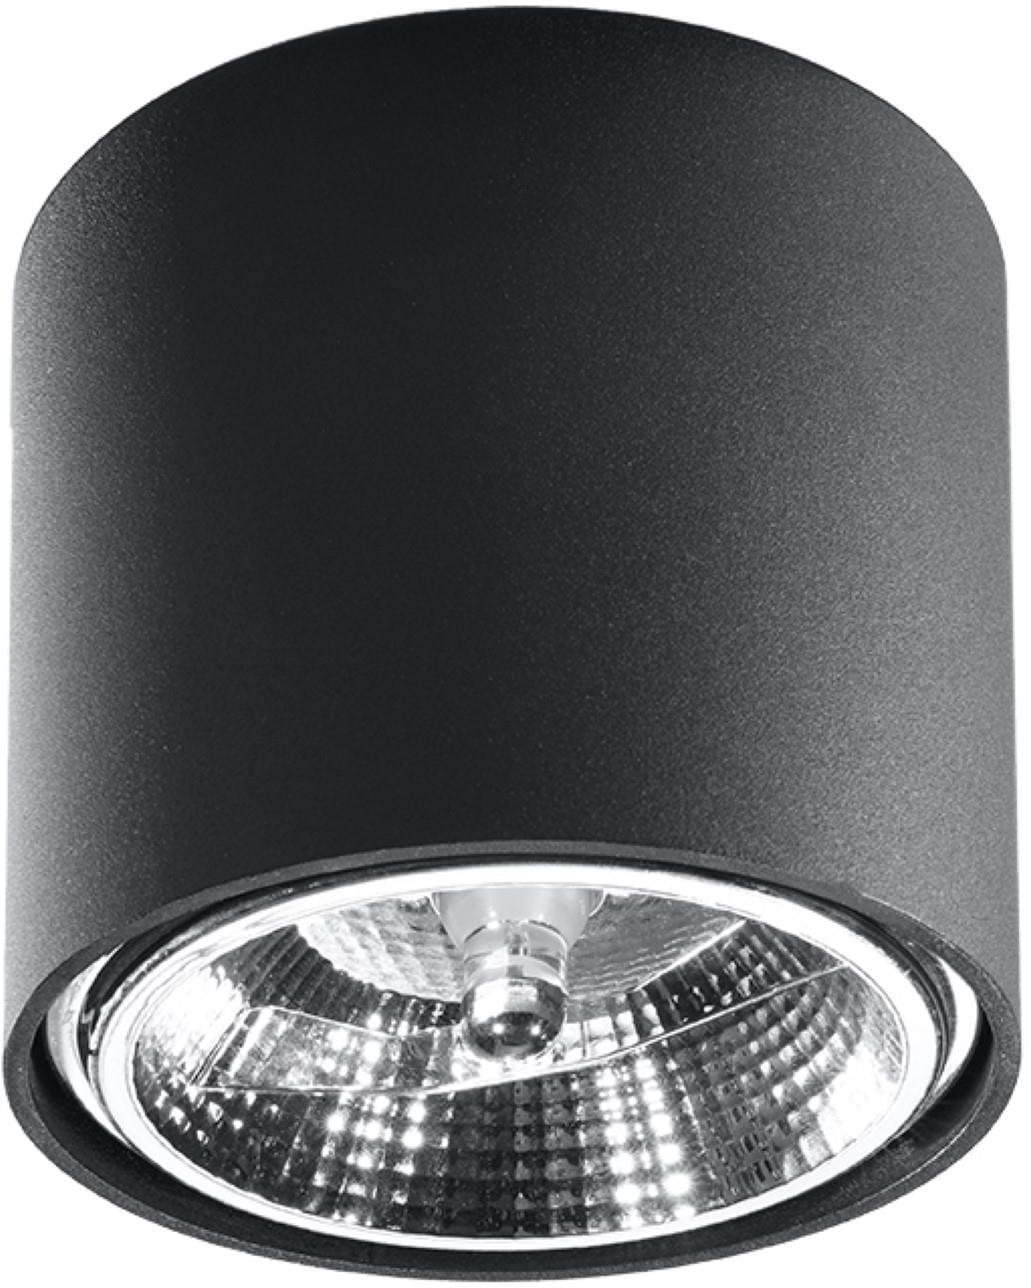 SOLLUX lighting Deckenleuchte TUBE, GU10, 1 St., Deckenlampe